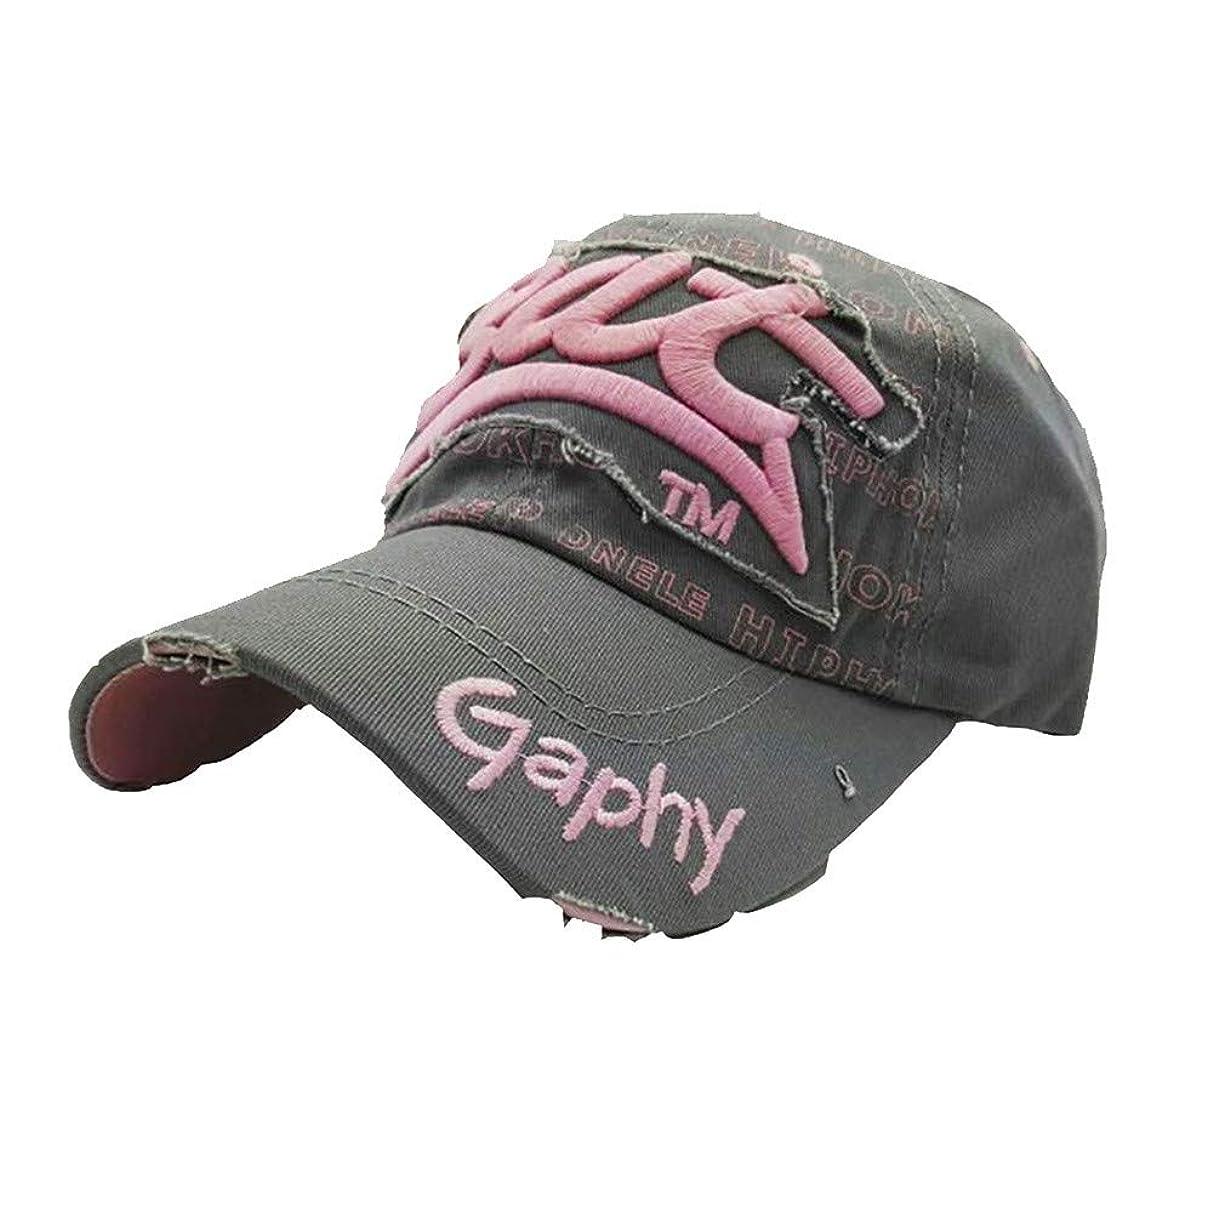 木曜日ディレクトリ東Racazing カモフラージュ 野球帽 ヒップホップ メンズ 夏 登山 帽子 迷彩 可調整可能 プラスベルベット 棒球帽 UV 帽子 UVカット軽量 屋外 Unisex 鸭舌帽 Hat Cap